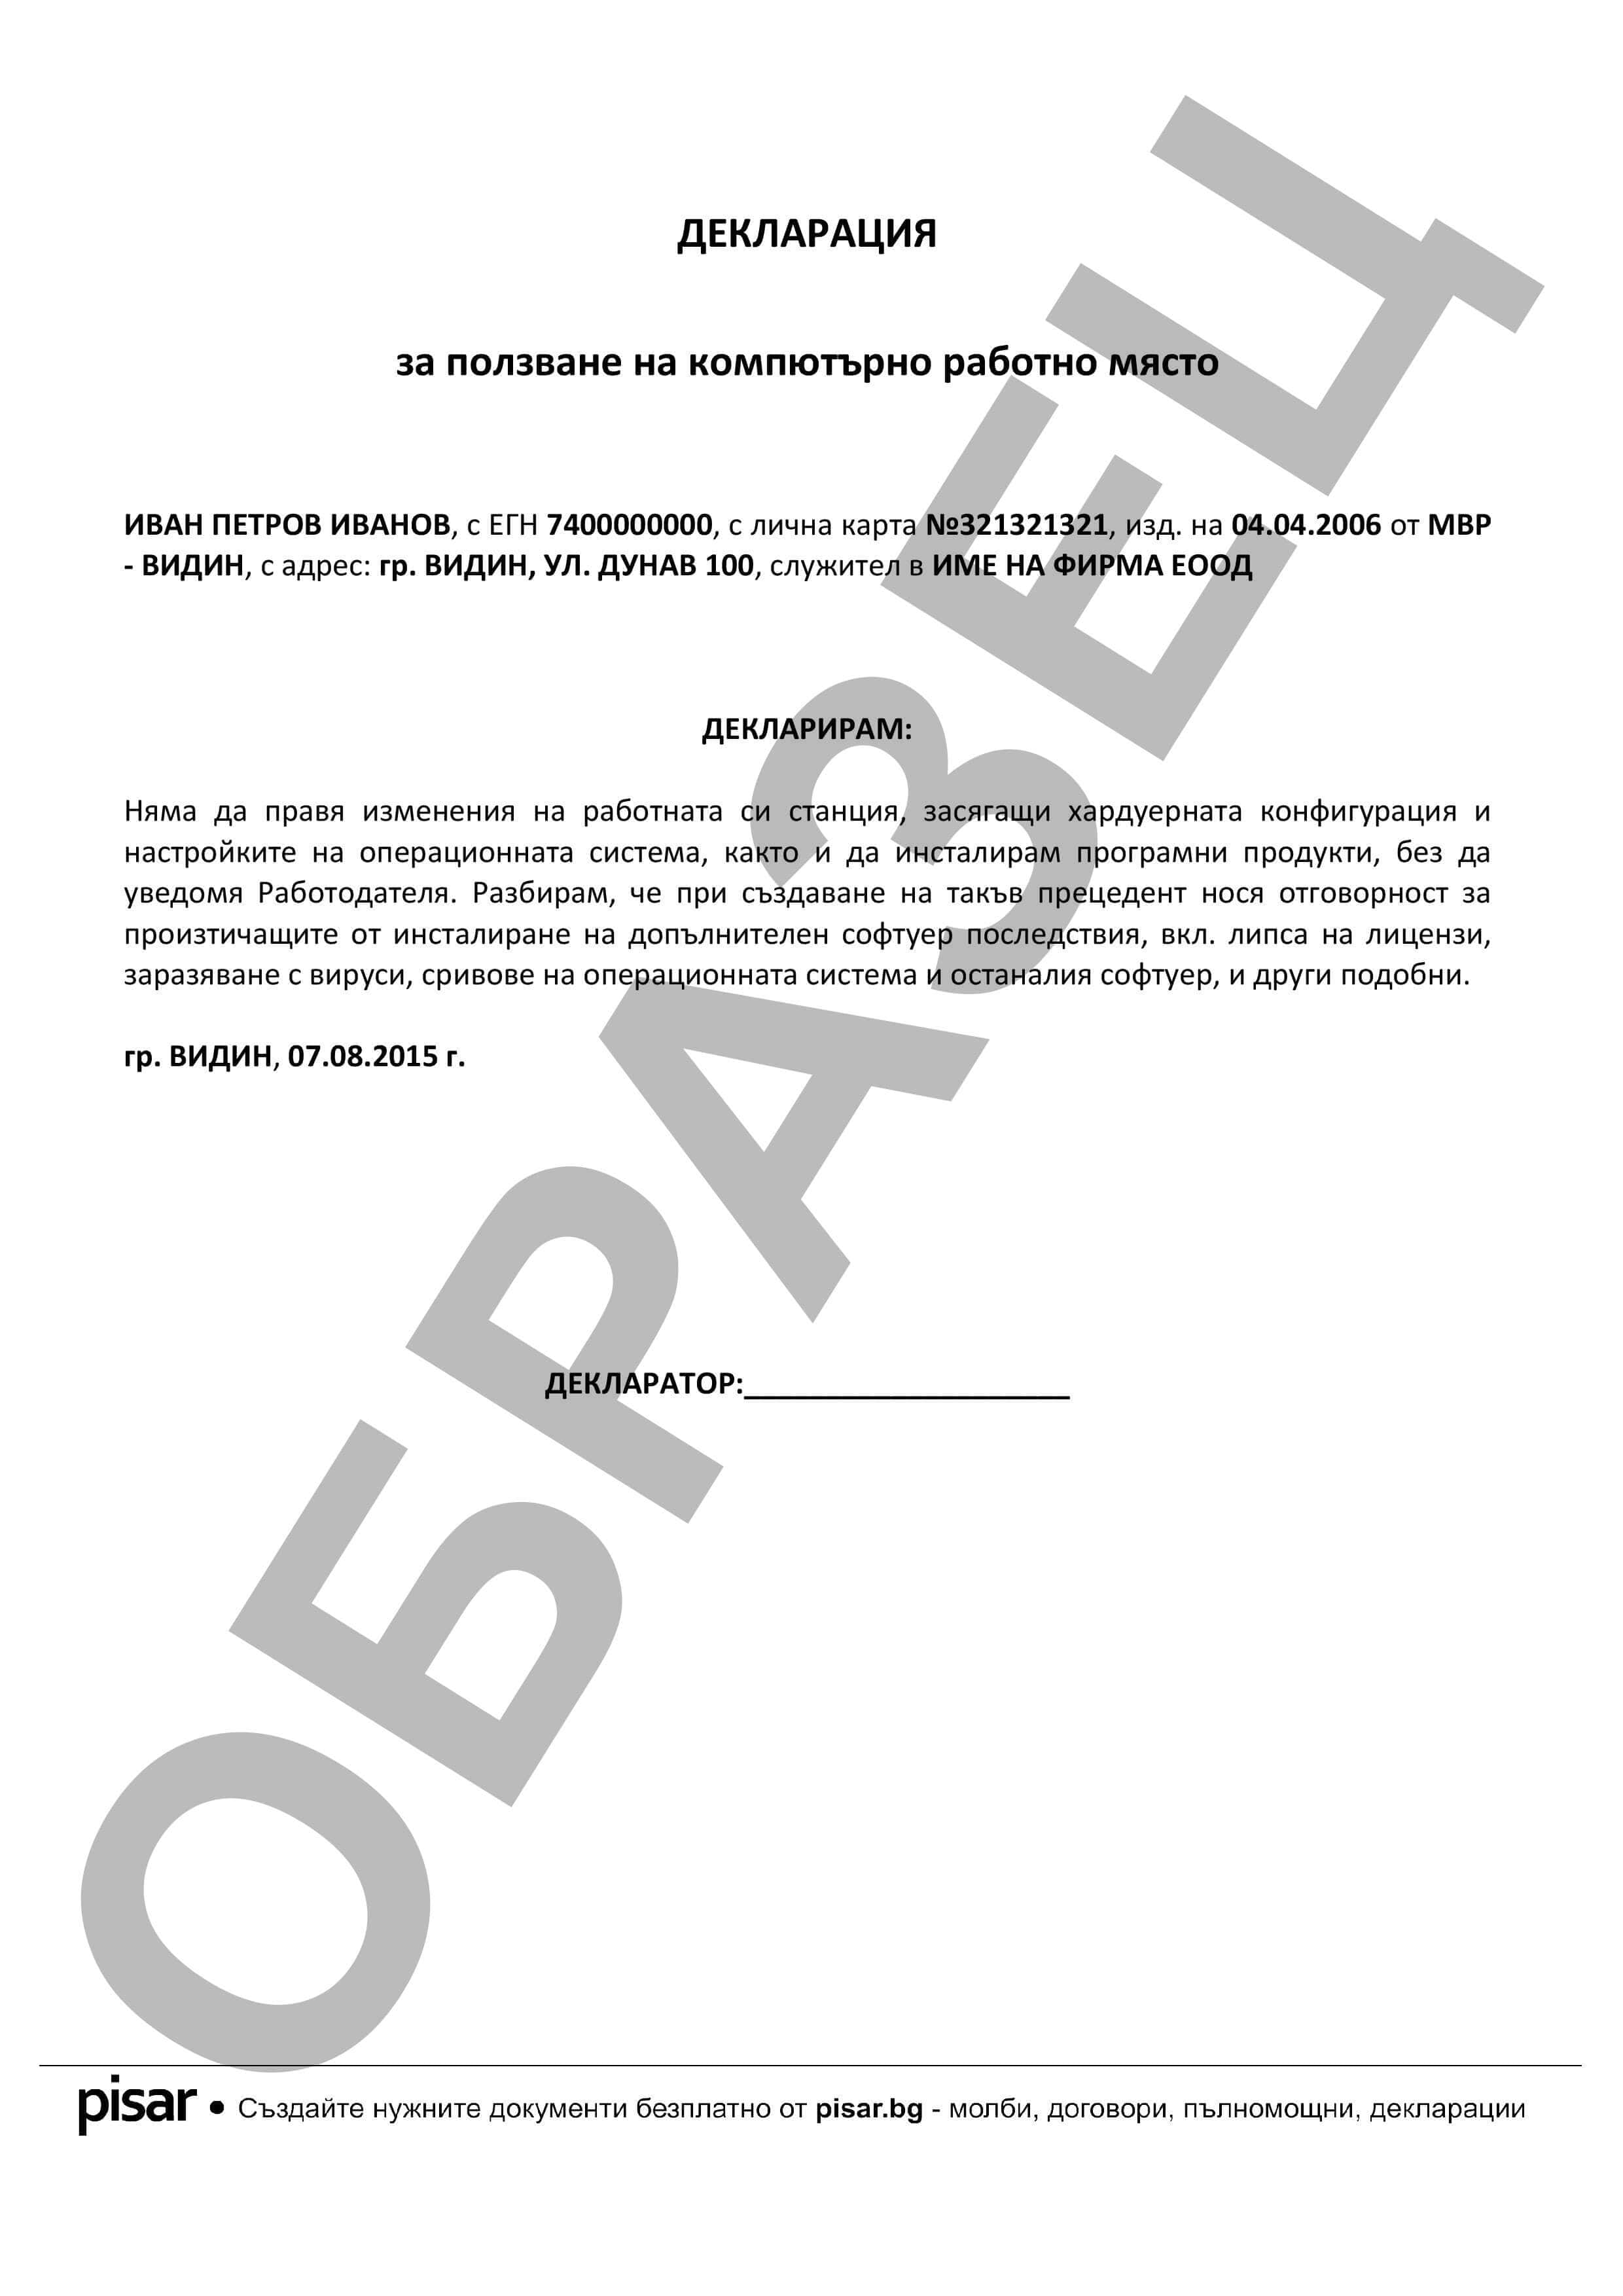 Примерен документ Декларация за ползване на компютърно работно място